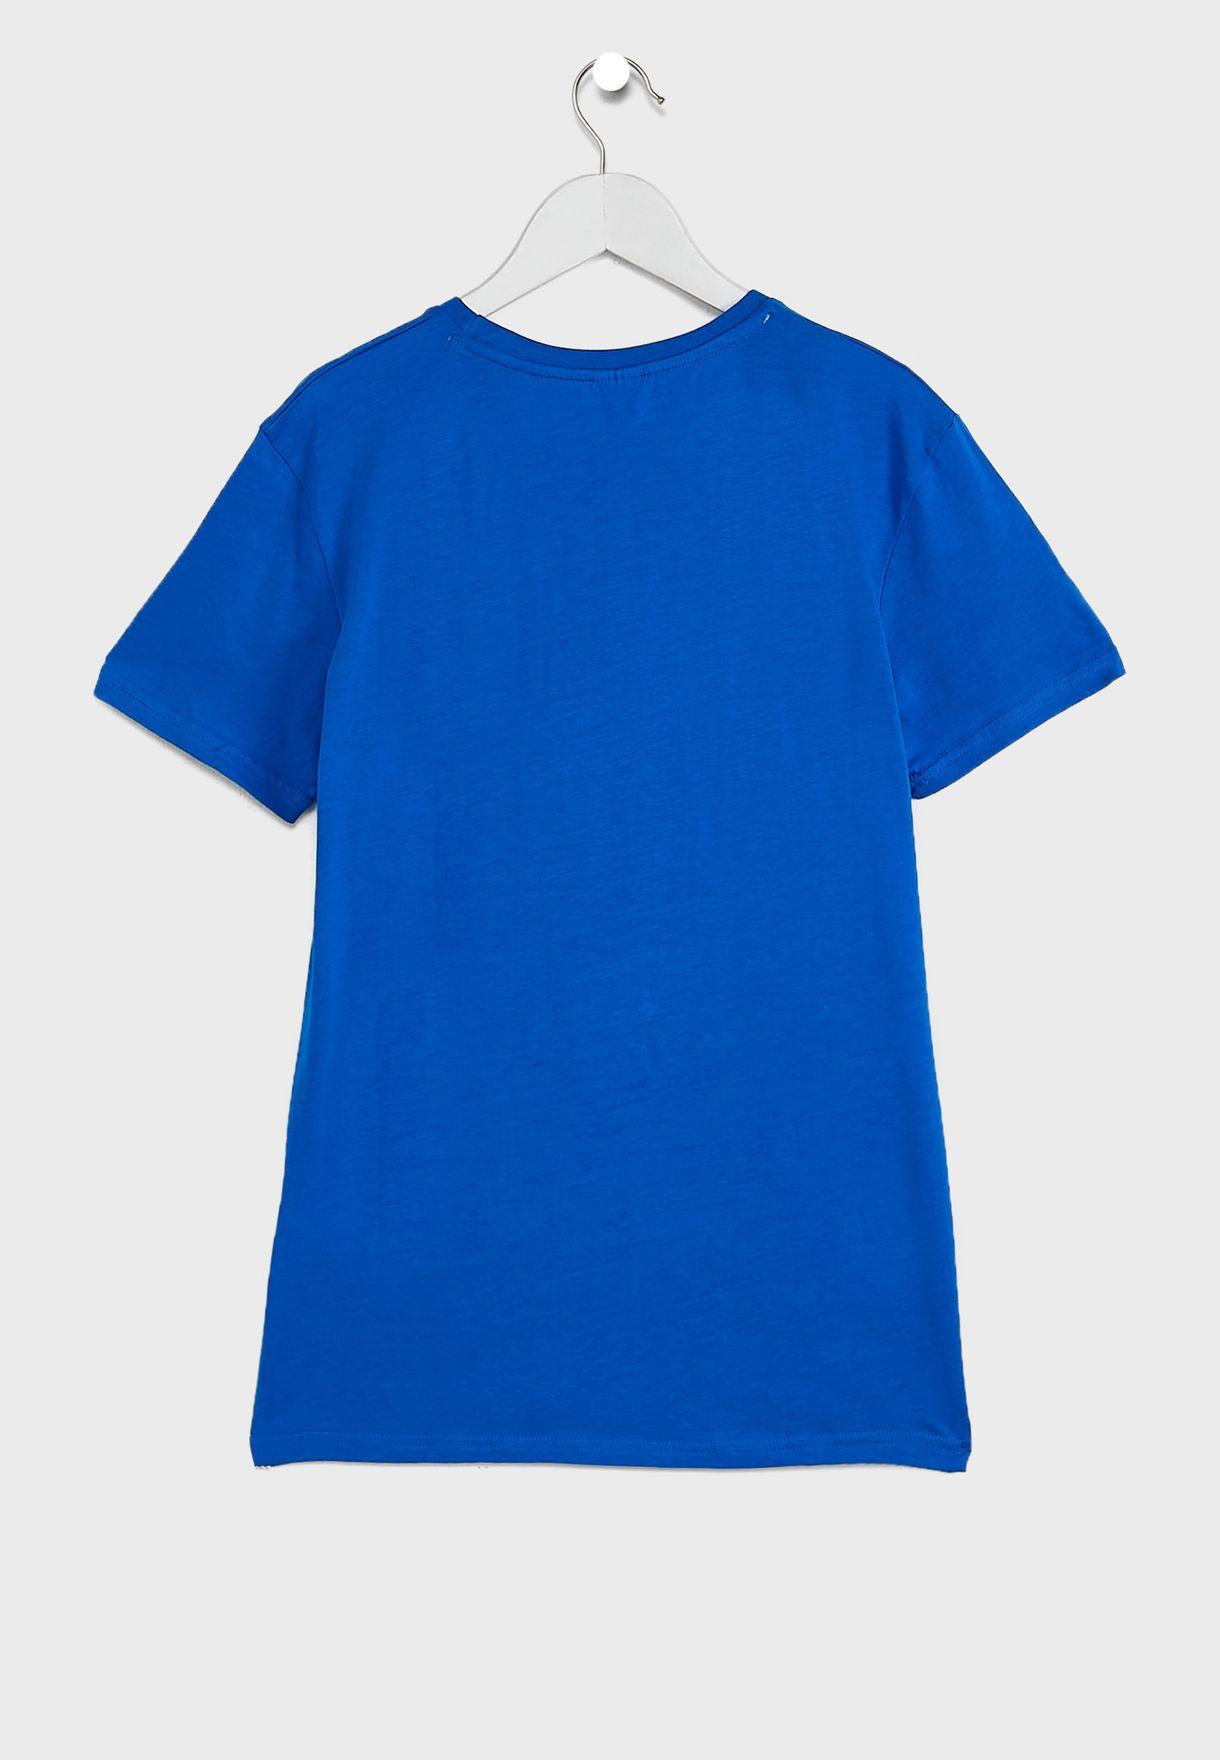 Kids Shark Zone T-Shirt & Shorts Set